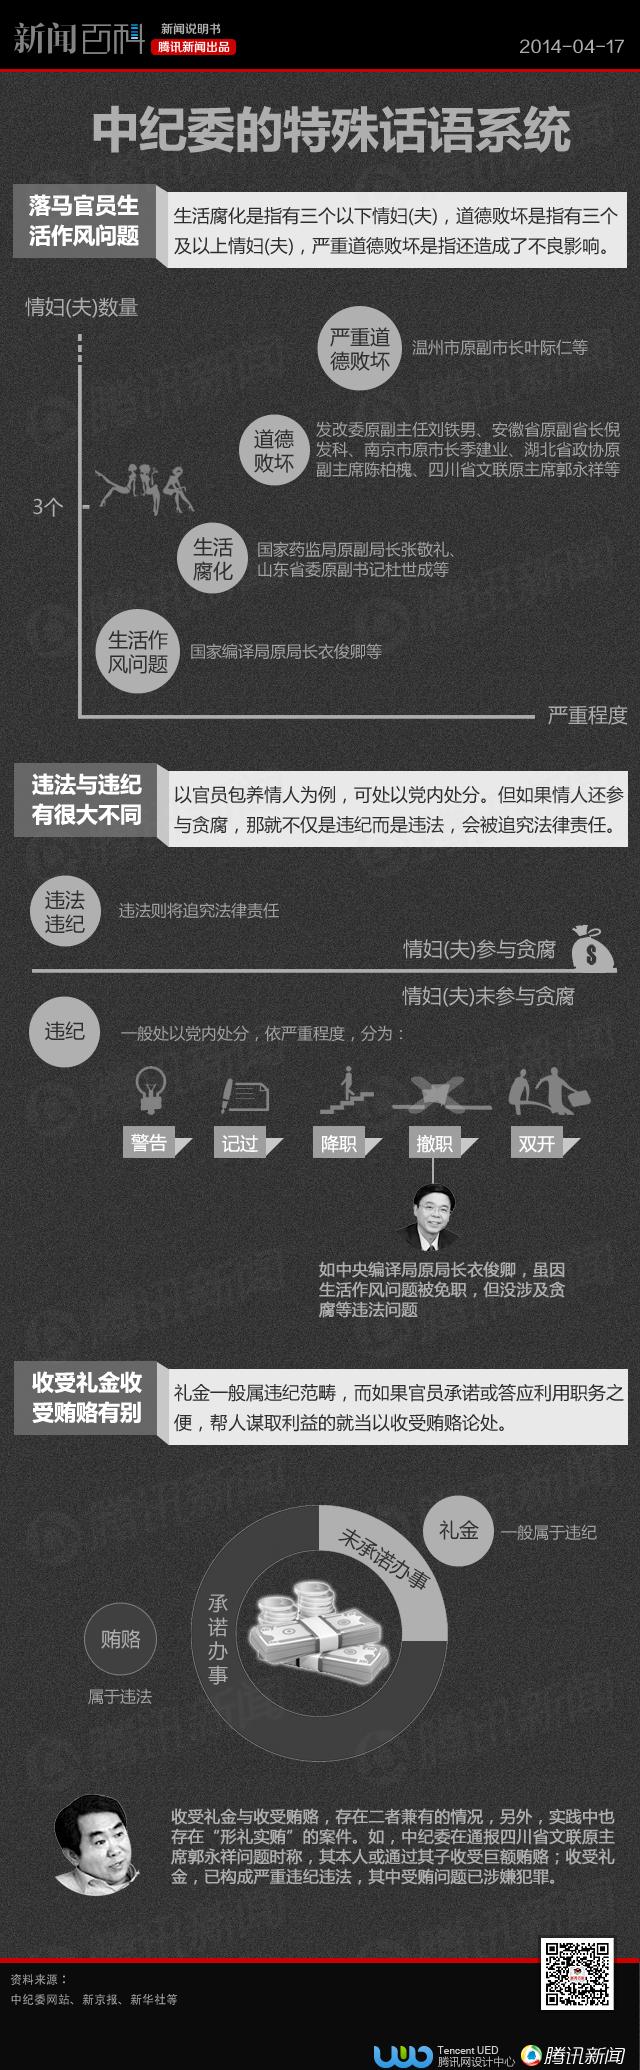 腾讯|中纪委的特殊话语系统